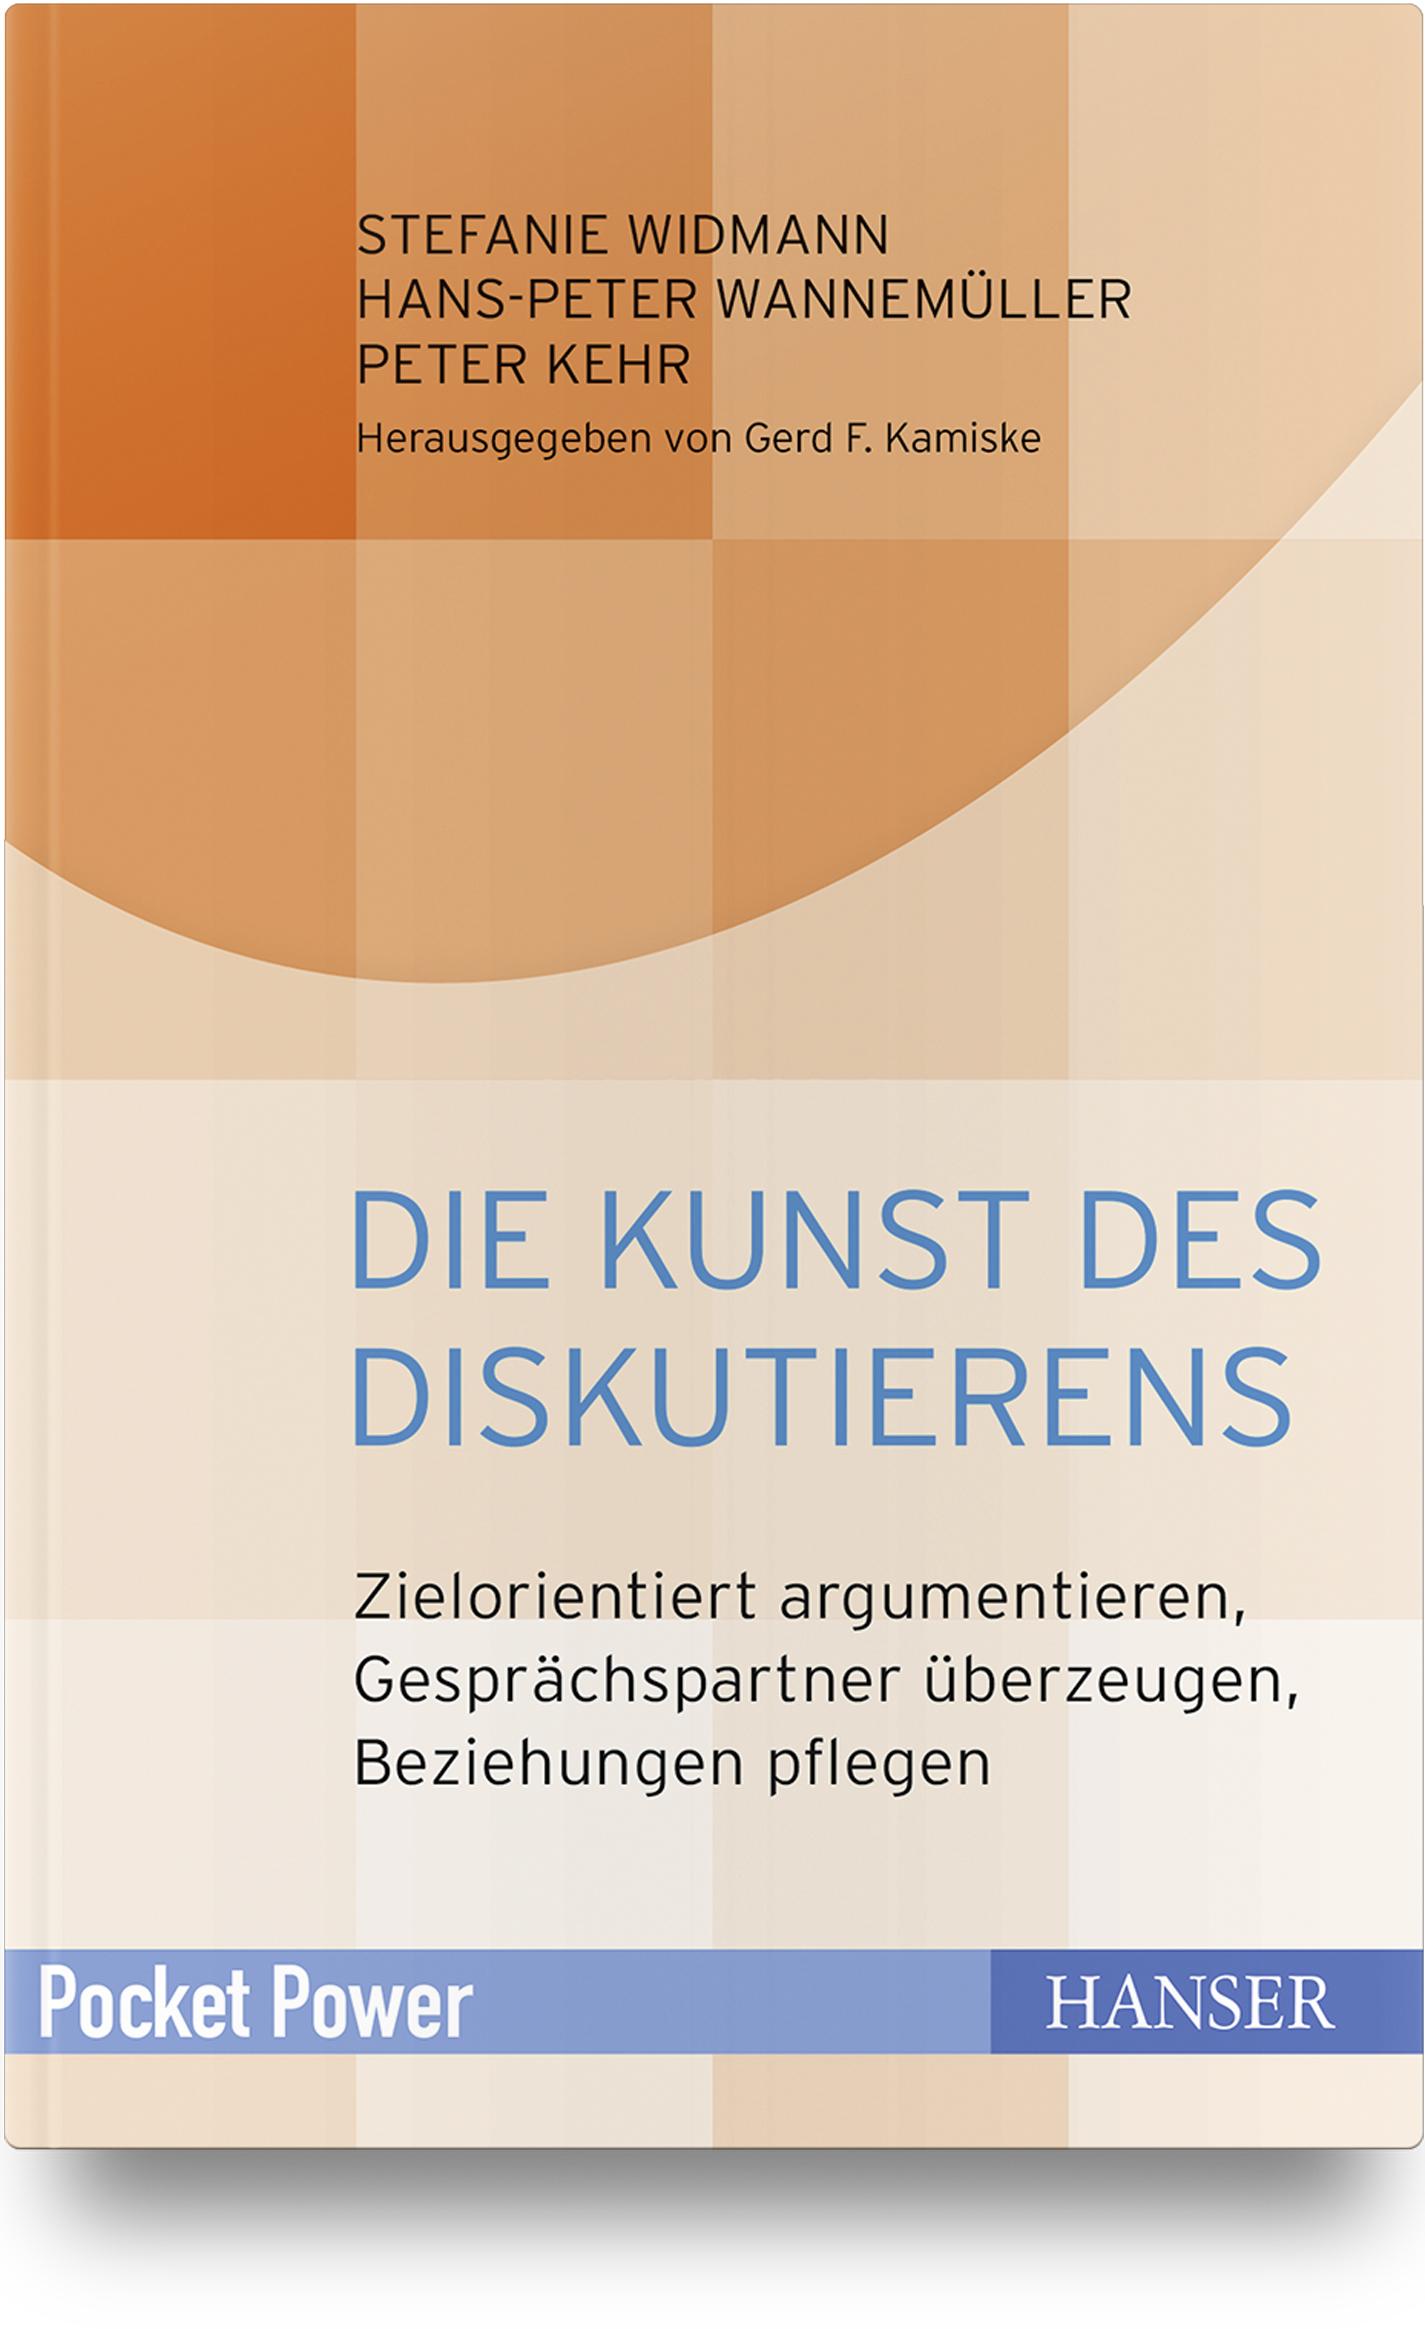 Widmann, Wannemüller, Kehr, Die Kunst des Diskutierens, 978-3-446-45520-7